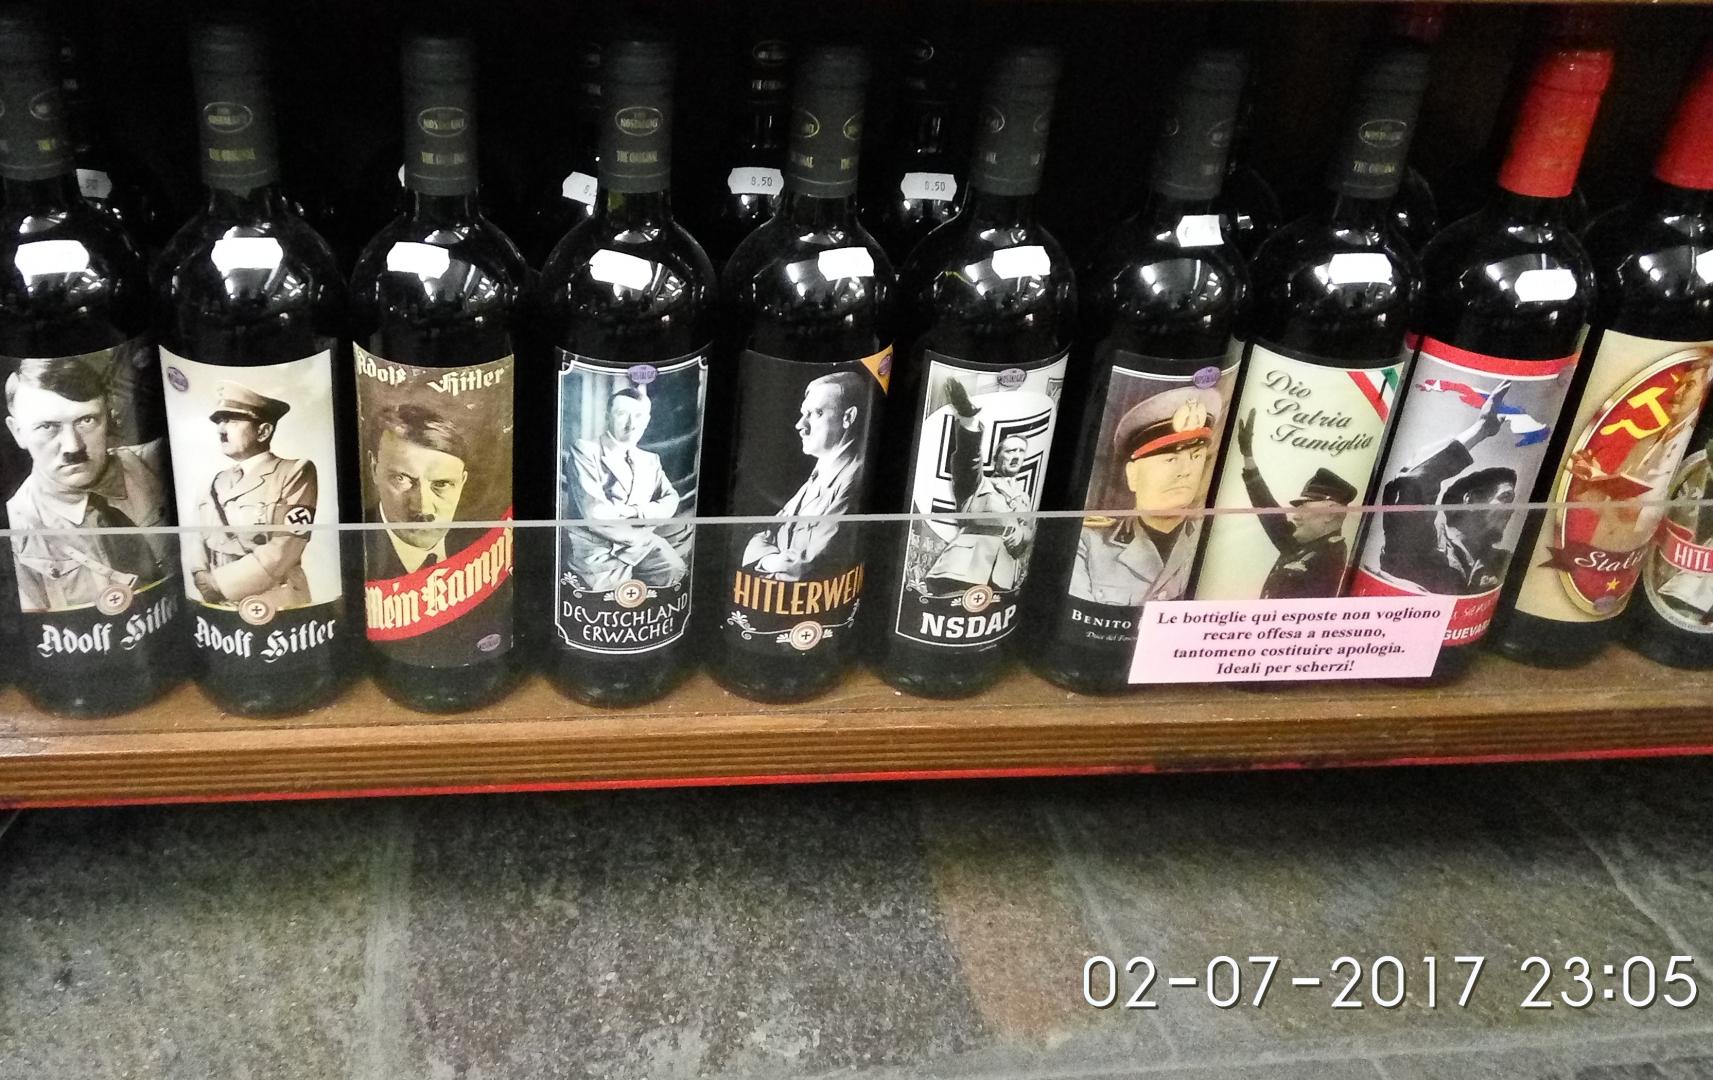 Нацистский преступник Гитлер и фашистский преступник Муссолини на бутылках вина в открытой продаже. Специальный отбор вина в магазине. Италия